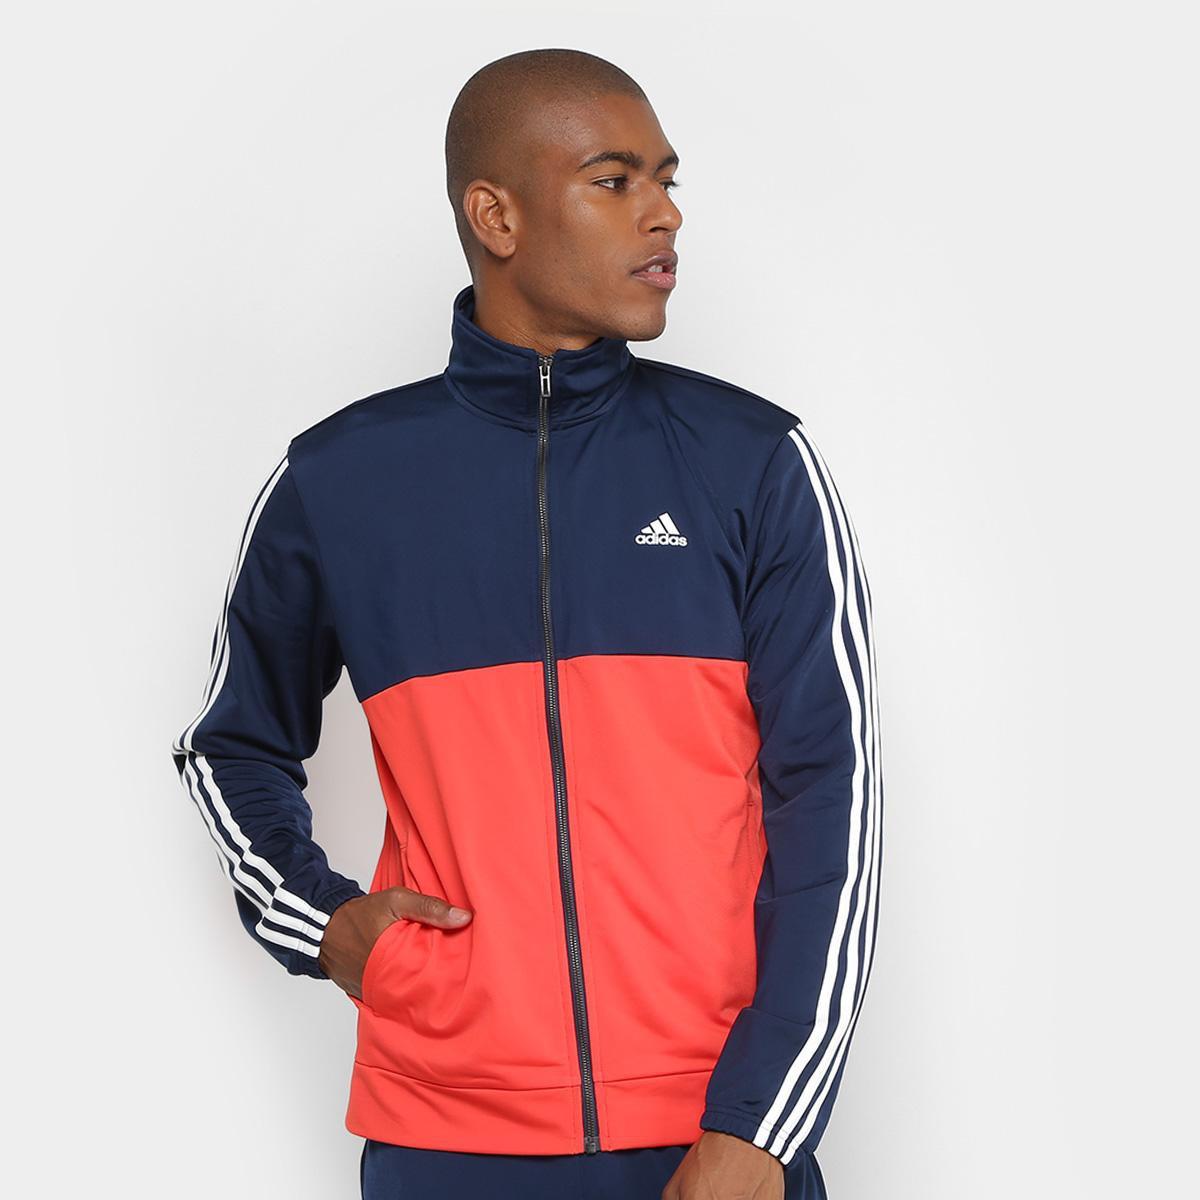 Agasalho Adidas Back2Bas 3S Masculino - Compre Agora  0d66605c95d01